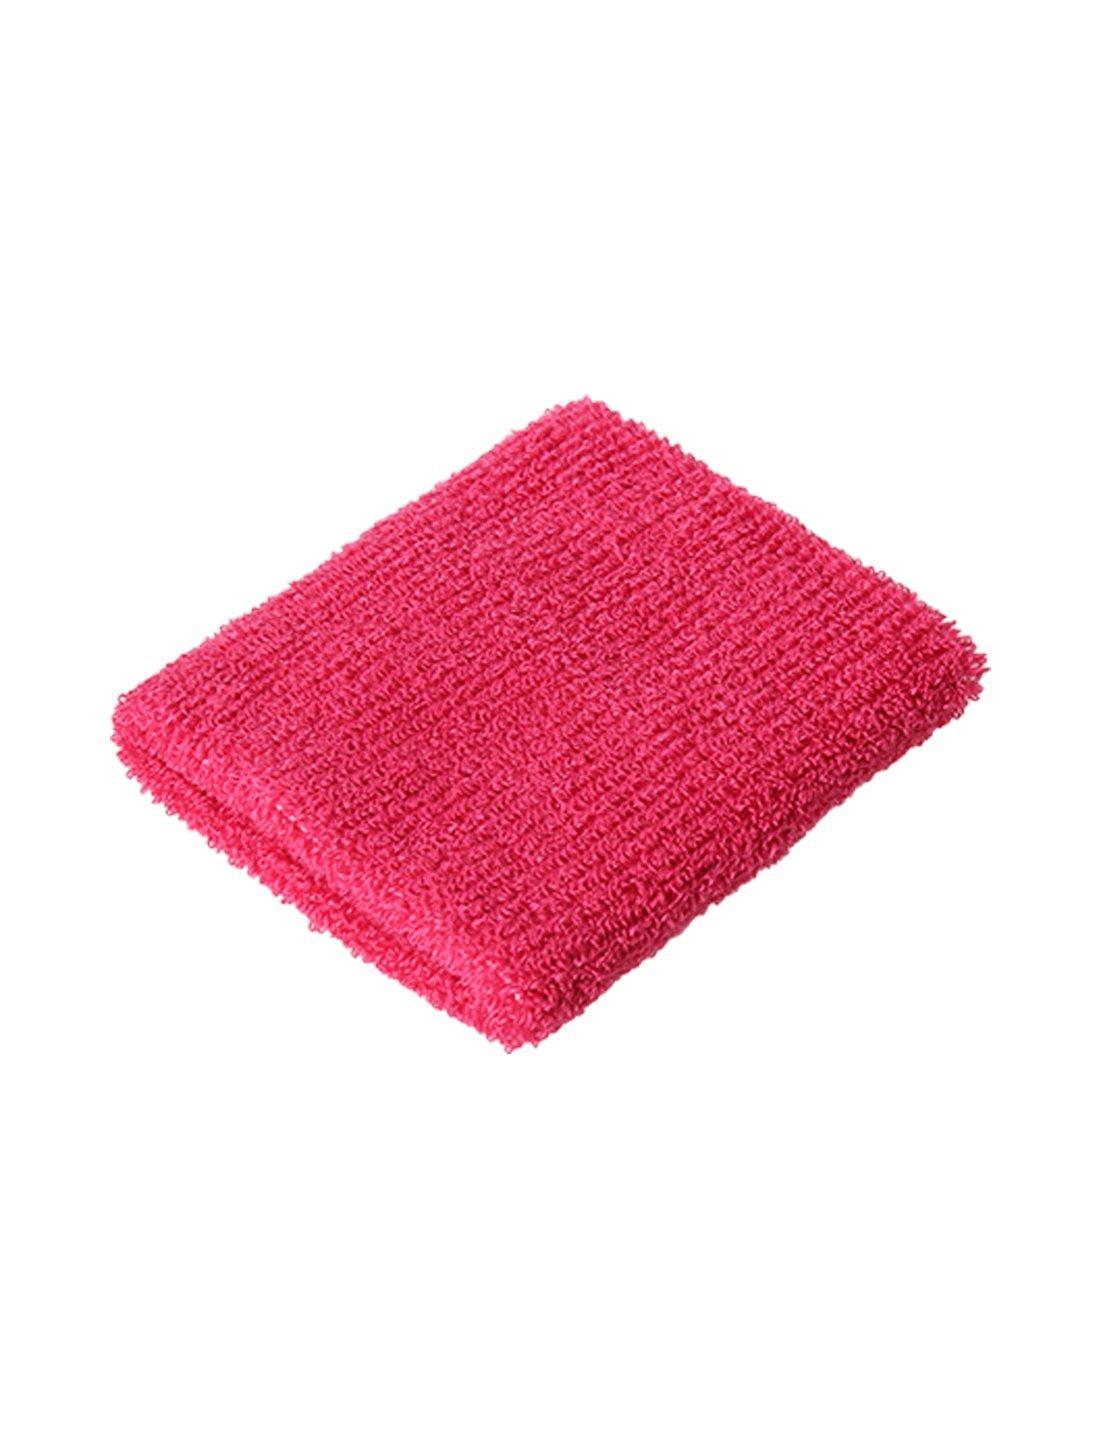 Amazon.com : eDealMax Atlética de algodón Tela de toalla gruesa Protector de la muñeca Banda de sudor DE 10 paquetes Fucsia : Sports & Outdoors